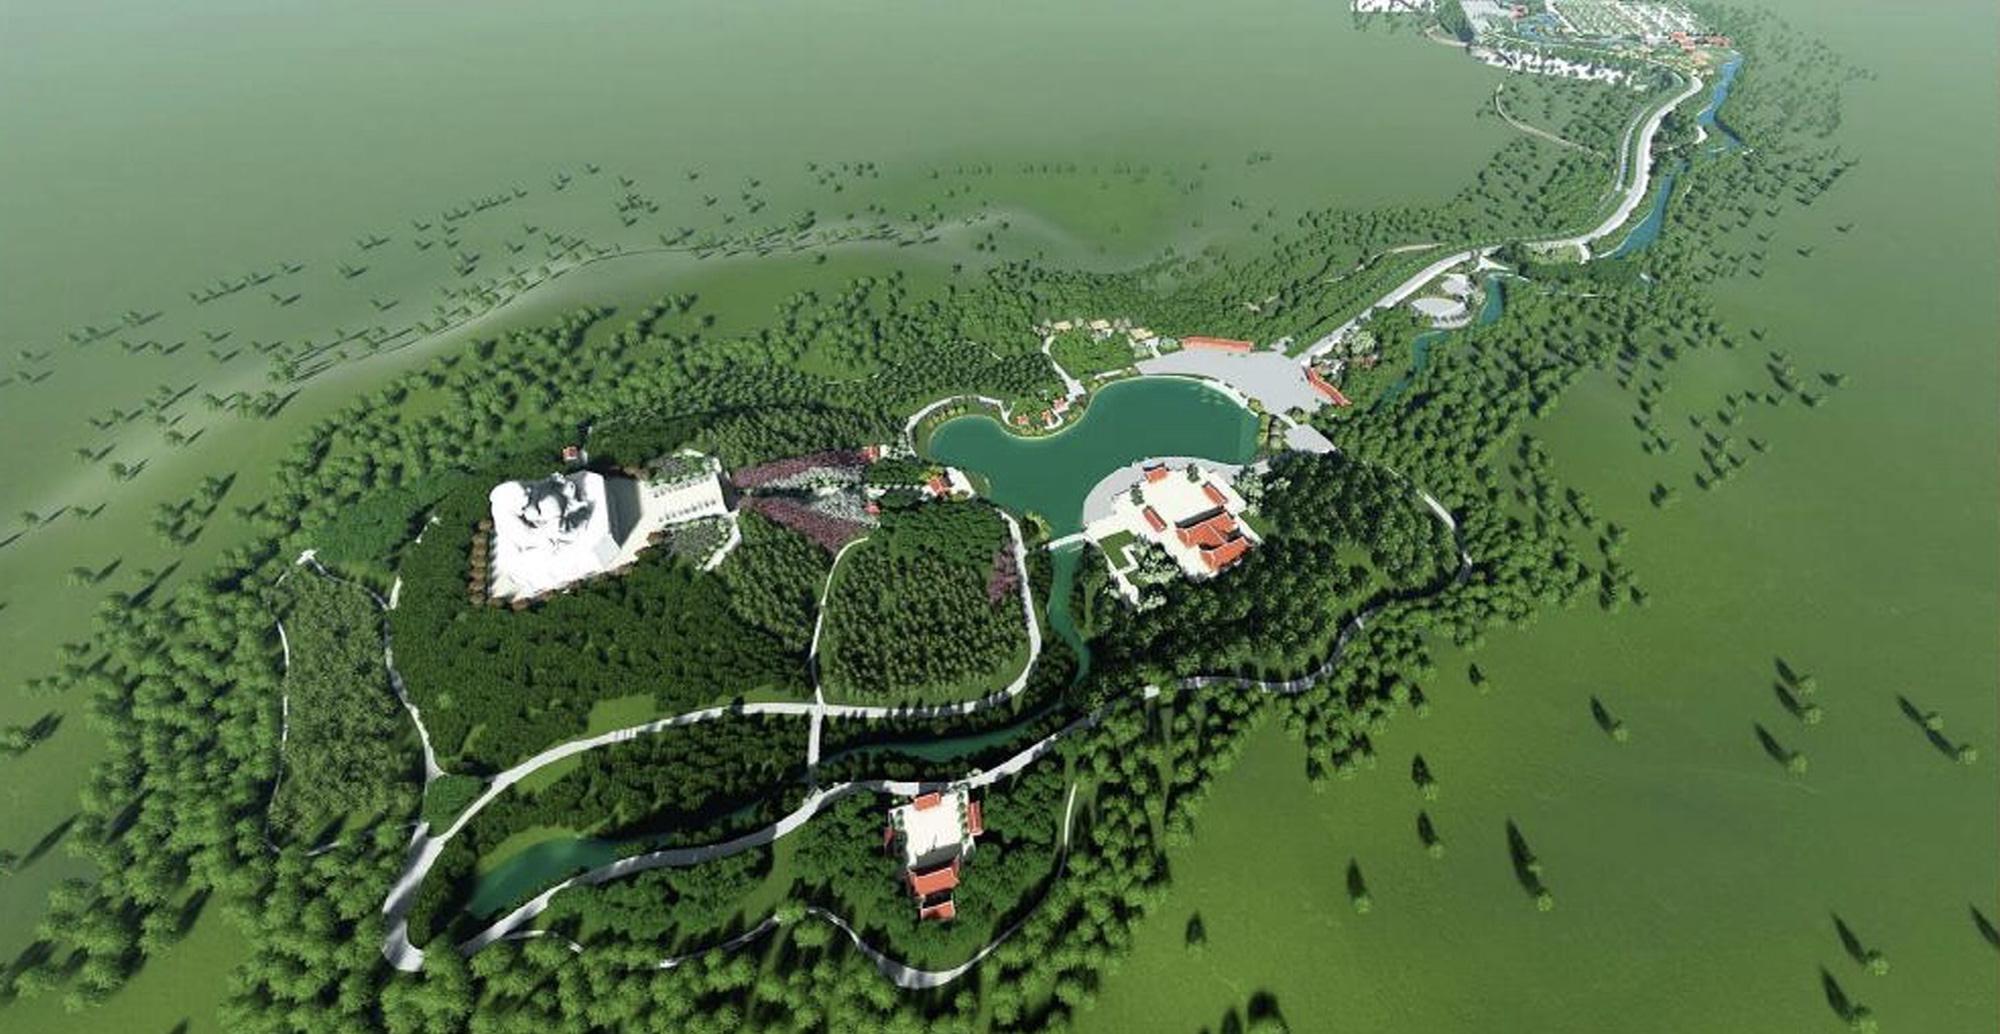 Khu du lịch sinh thái văn hoá Đá Thiên: Cần tháo gỡ khó khăn để đẩy nhanh tiến độ thực hiện dự án - Ảnh 1.